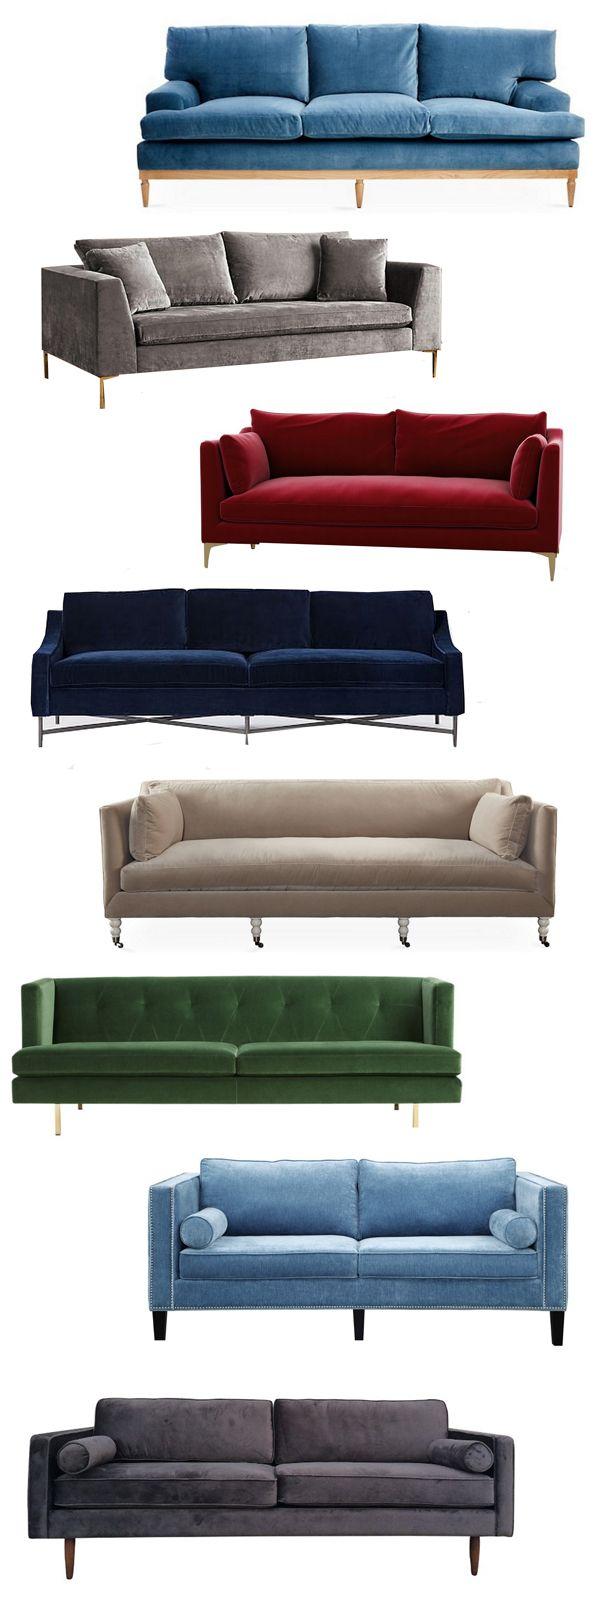 200 best sofas images on pinterest sofas beach house and modern velvet sofas parisarafo Gallery